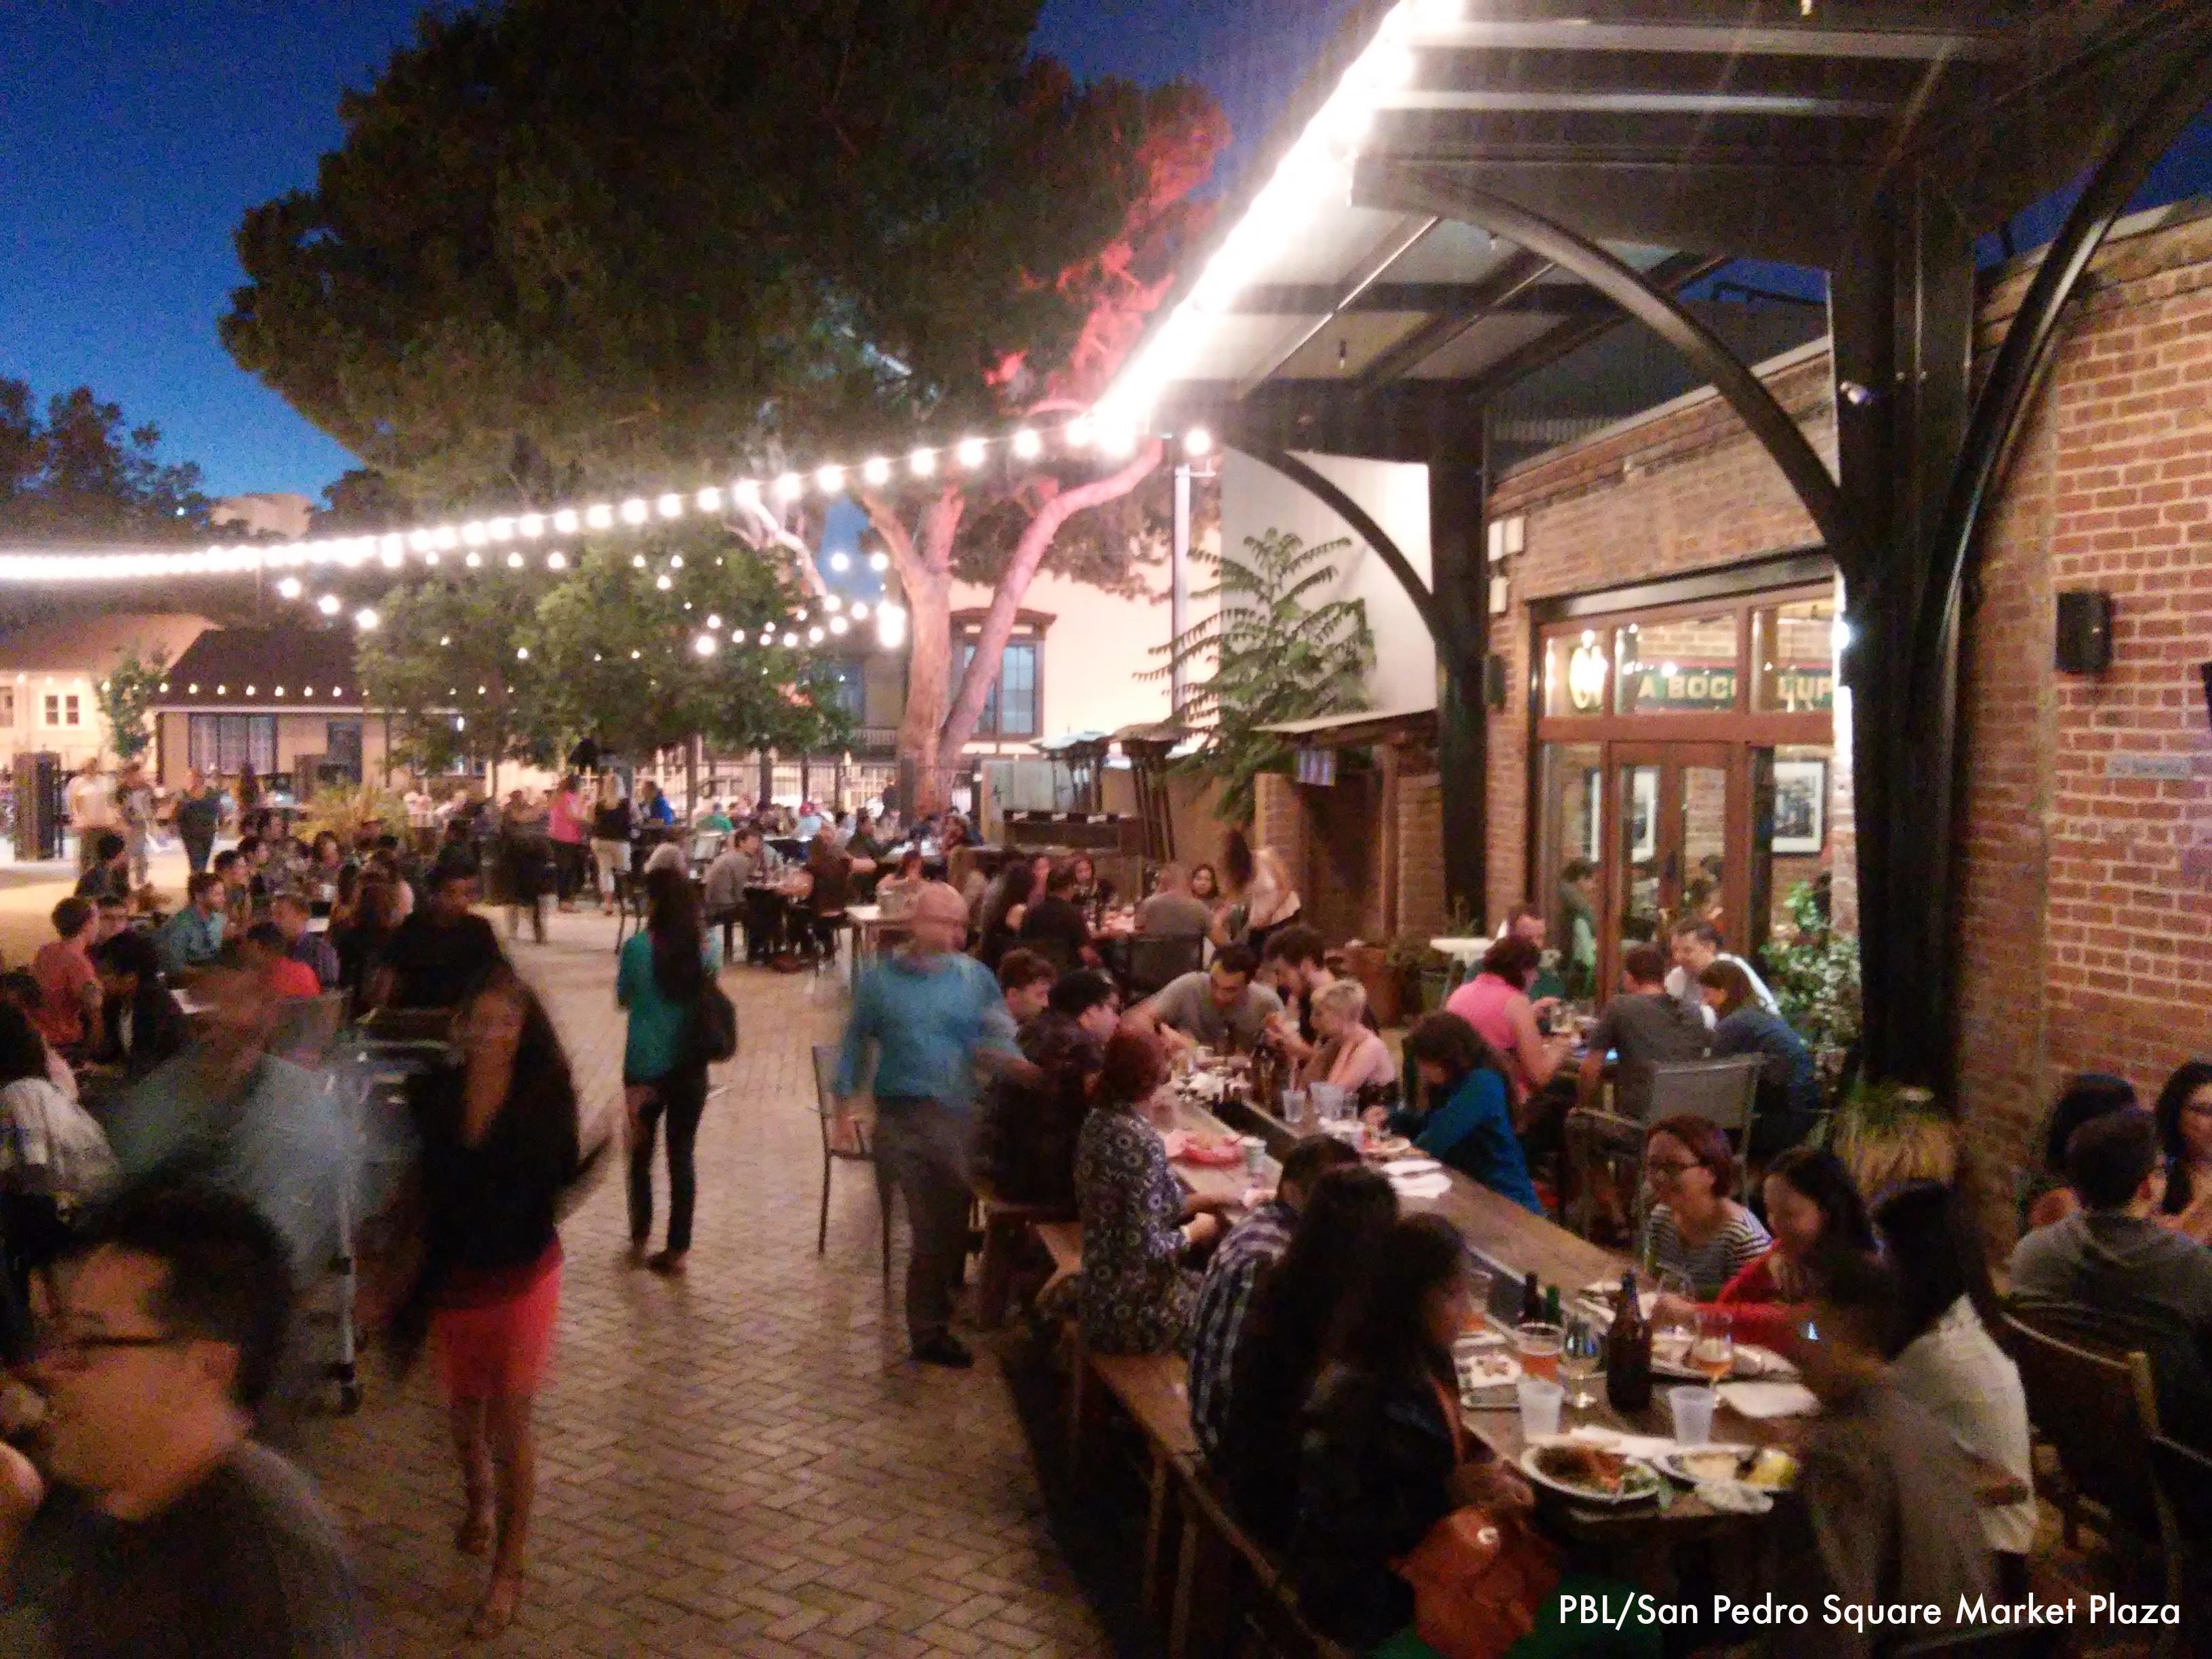 Pbl San Pedro Square Market Plaza